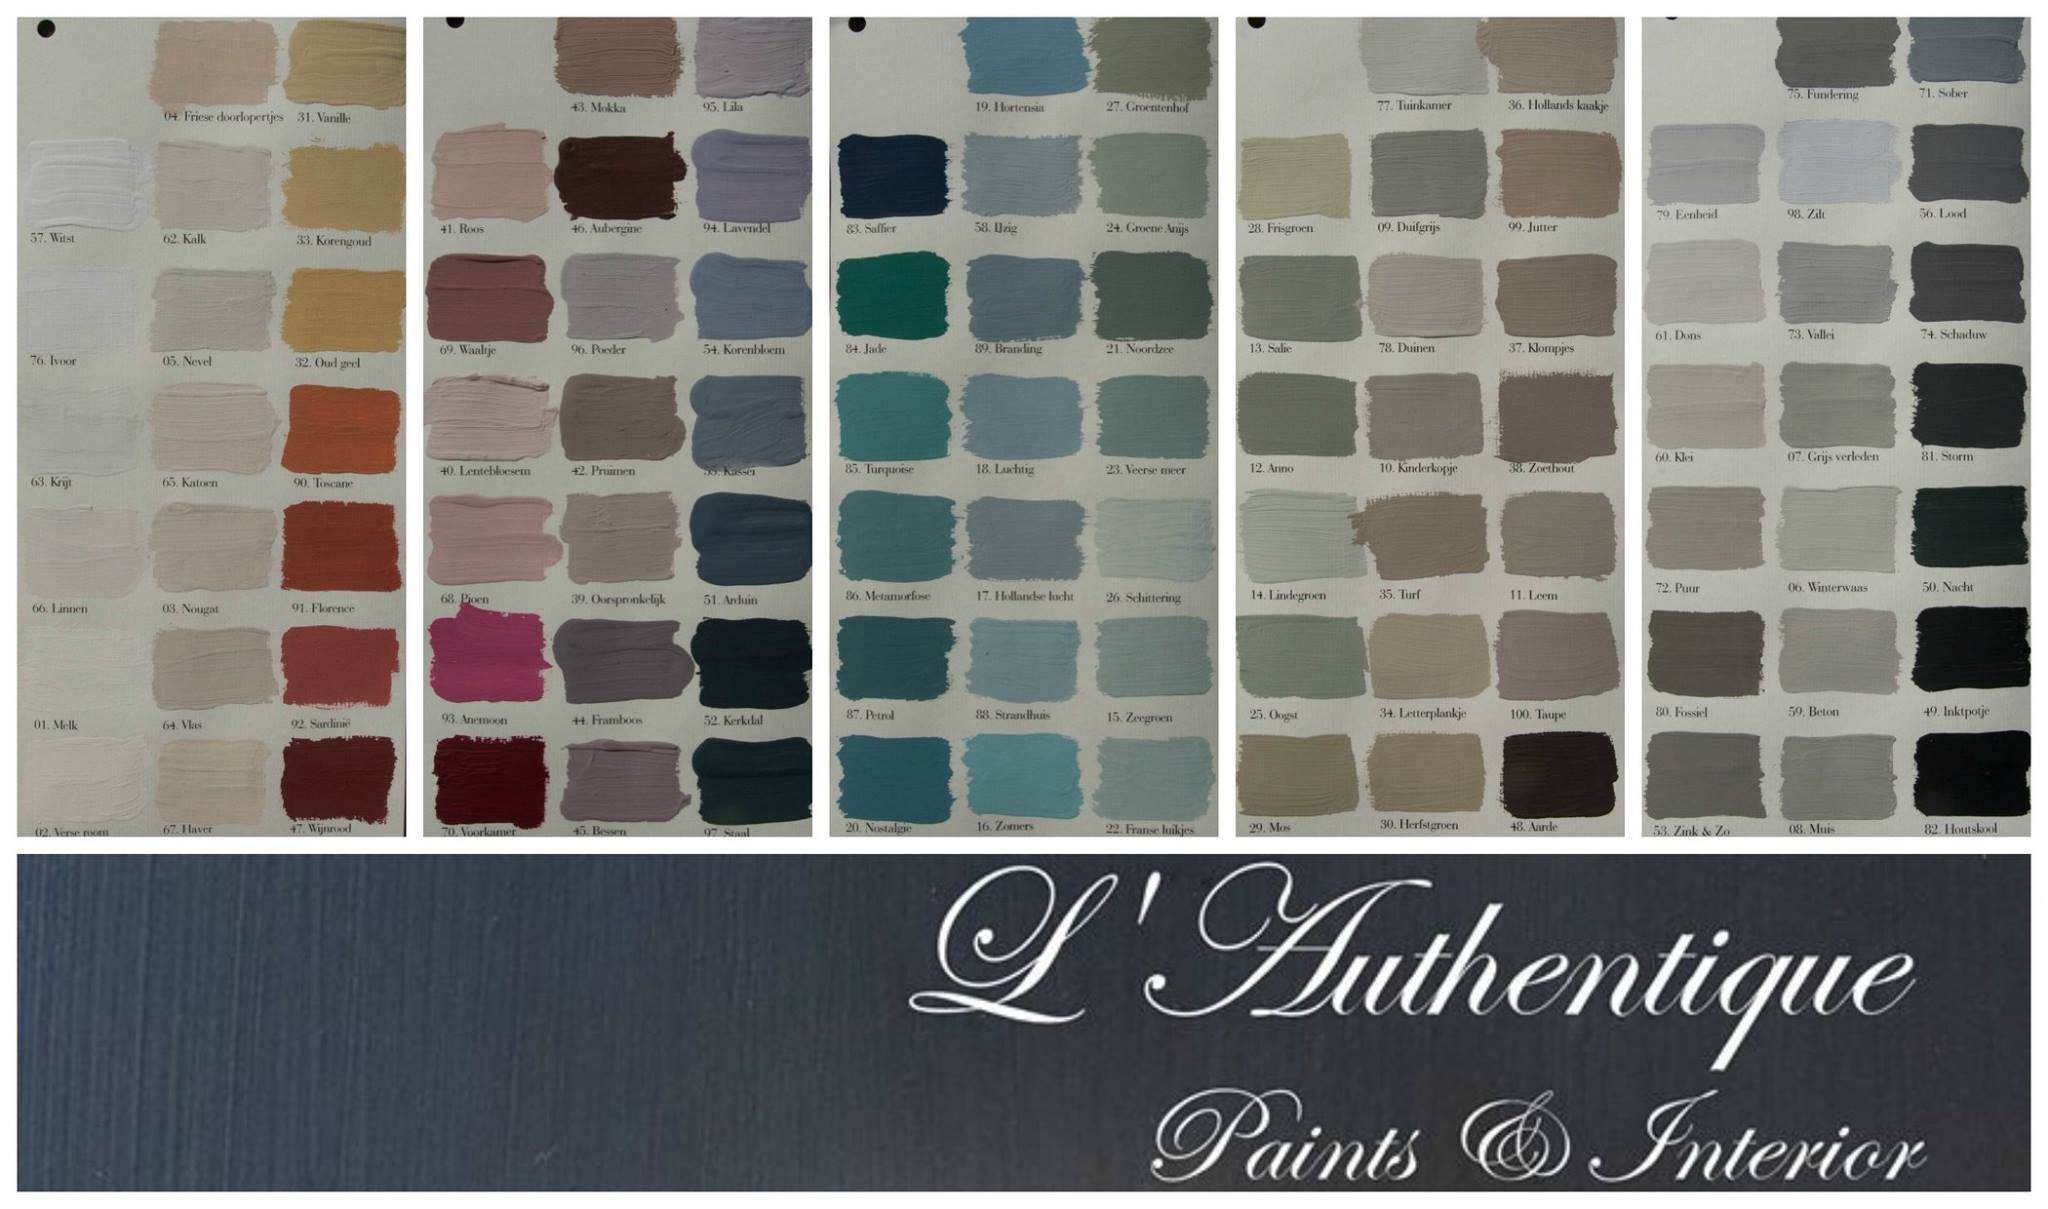 Afbeeldingsresultaat voor l'authentique kleurenkaart